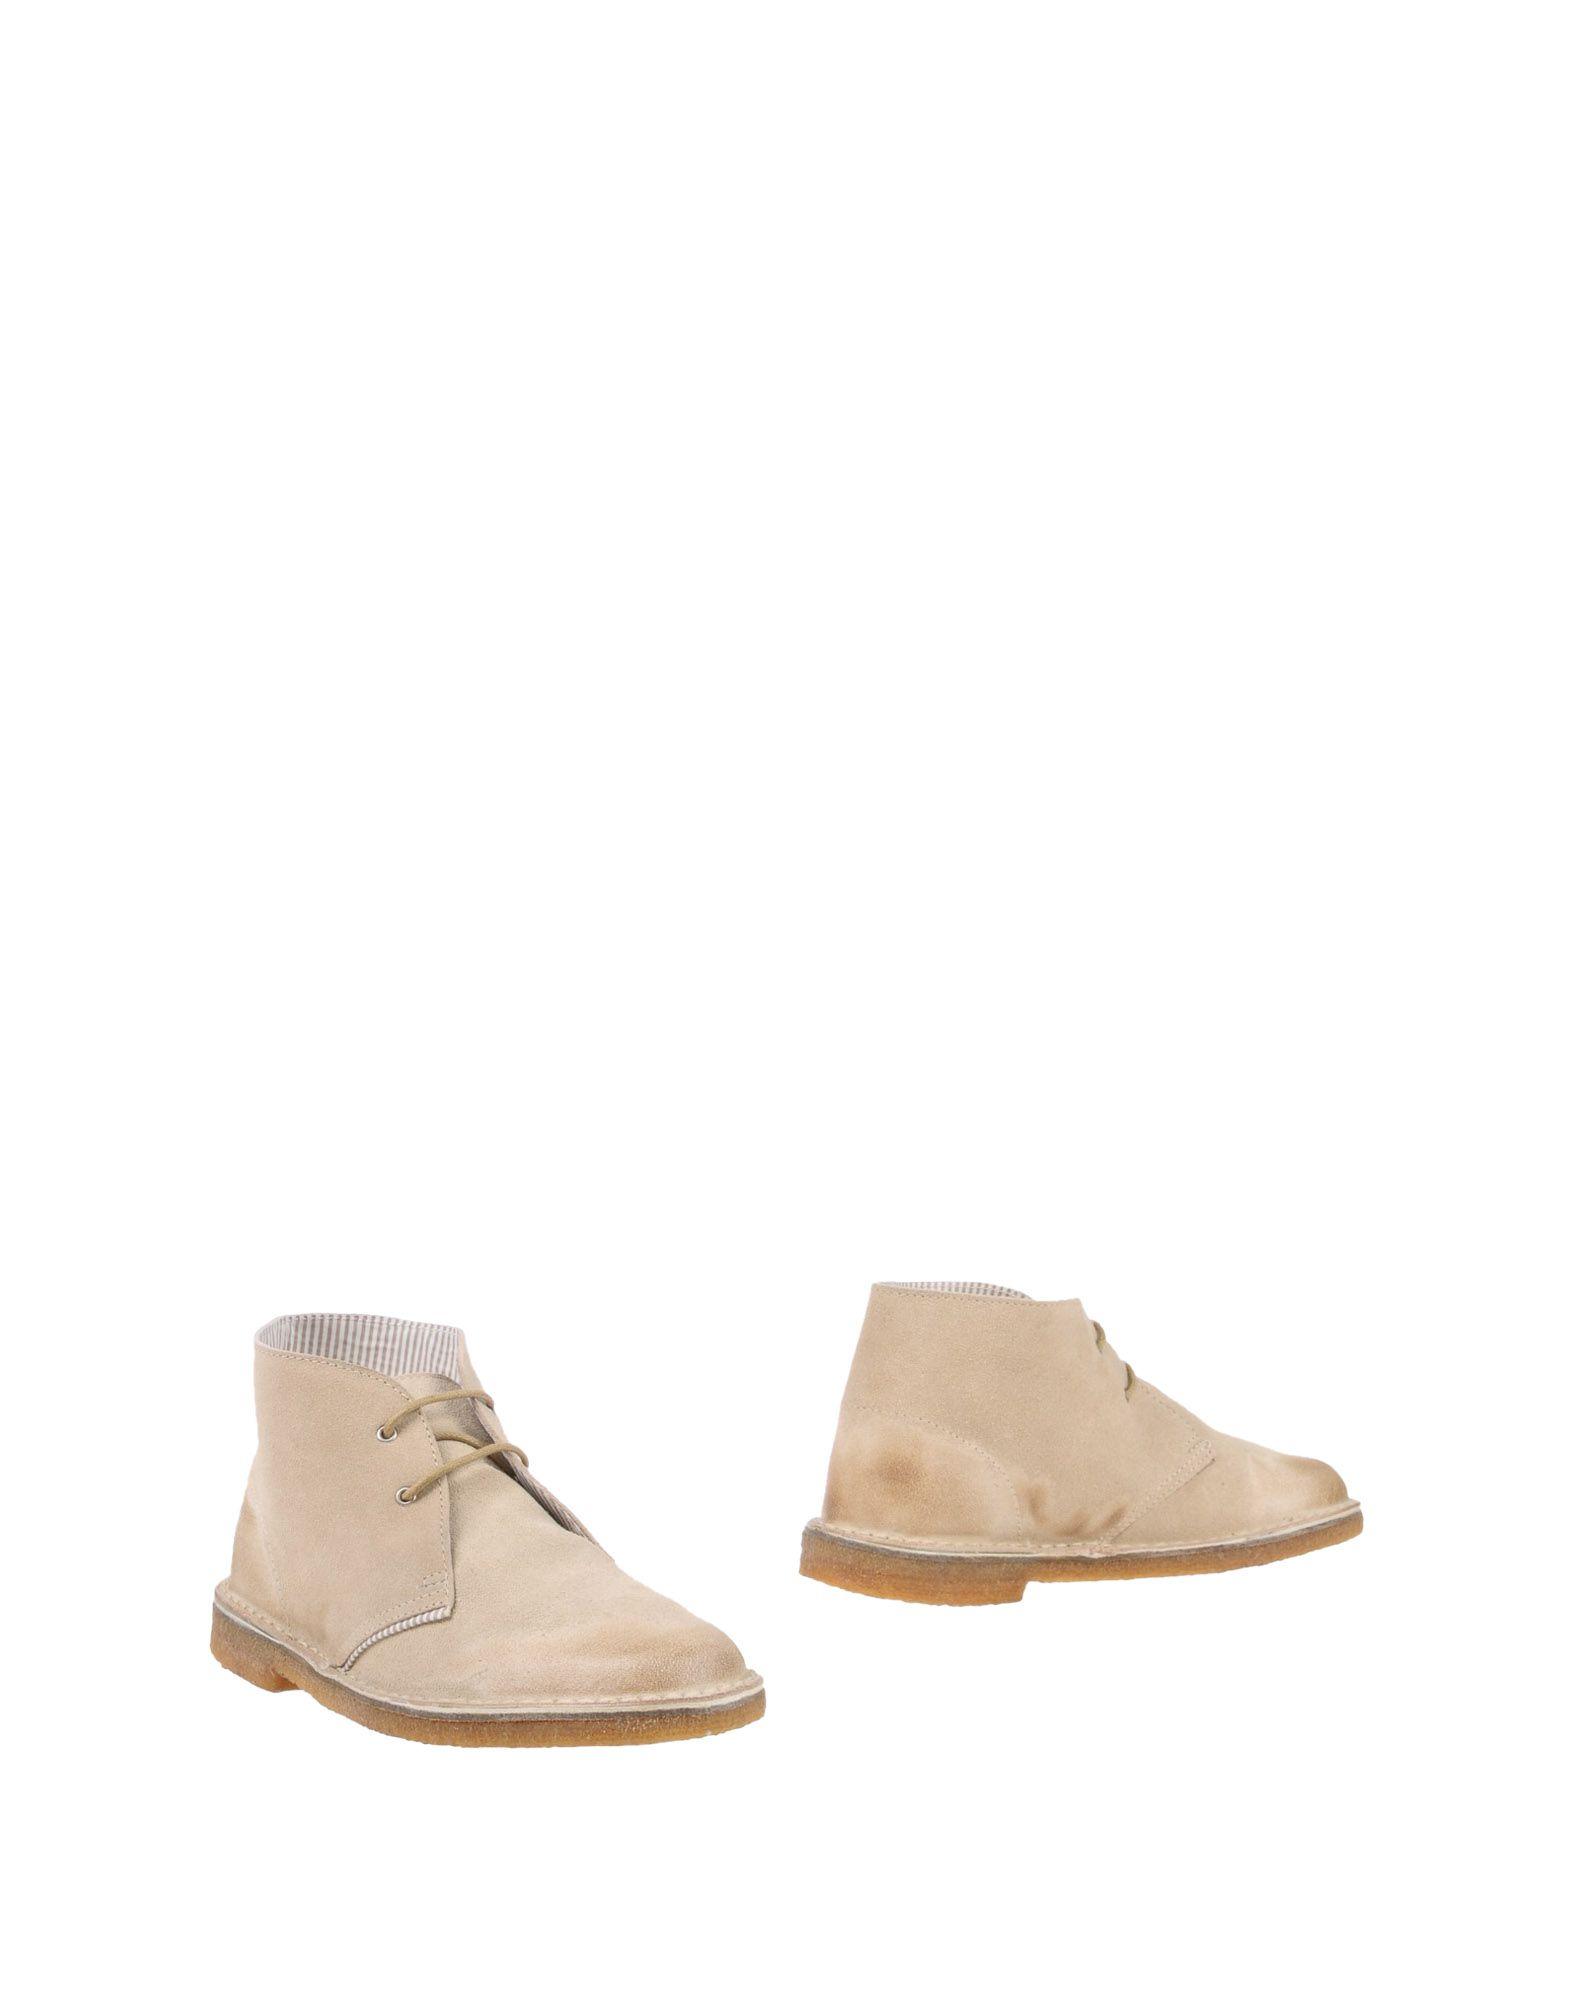 Rabatt echte 11430514VR Schuhe Fabrizio Mancini Stiefelette Herren  11430514VR echte 8f185f